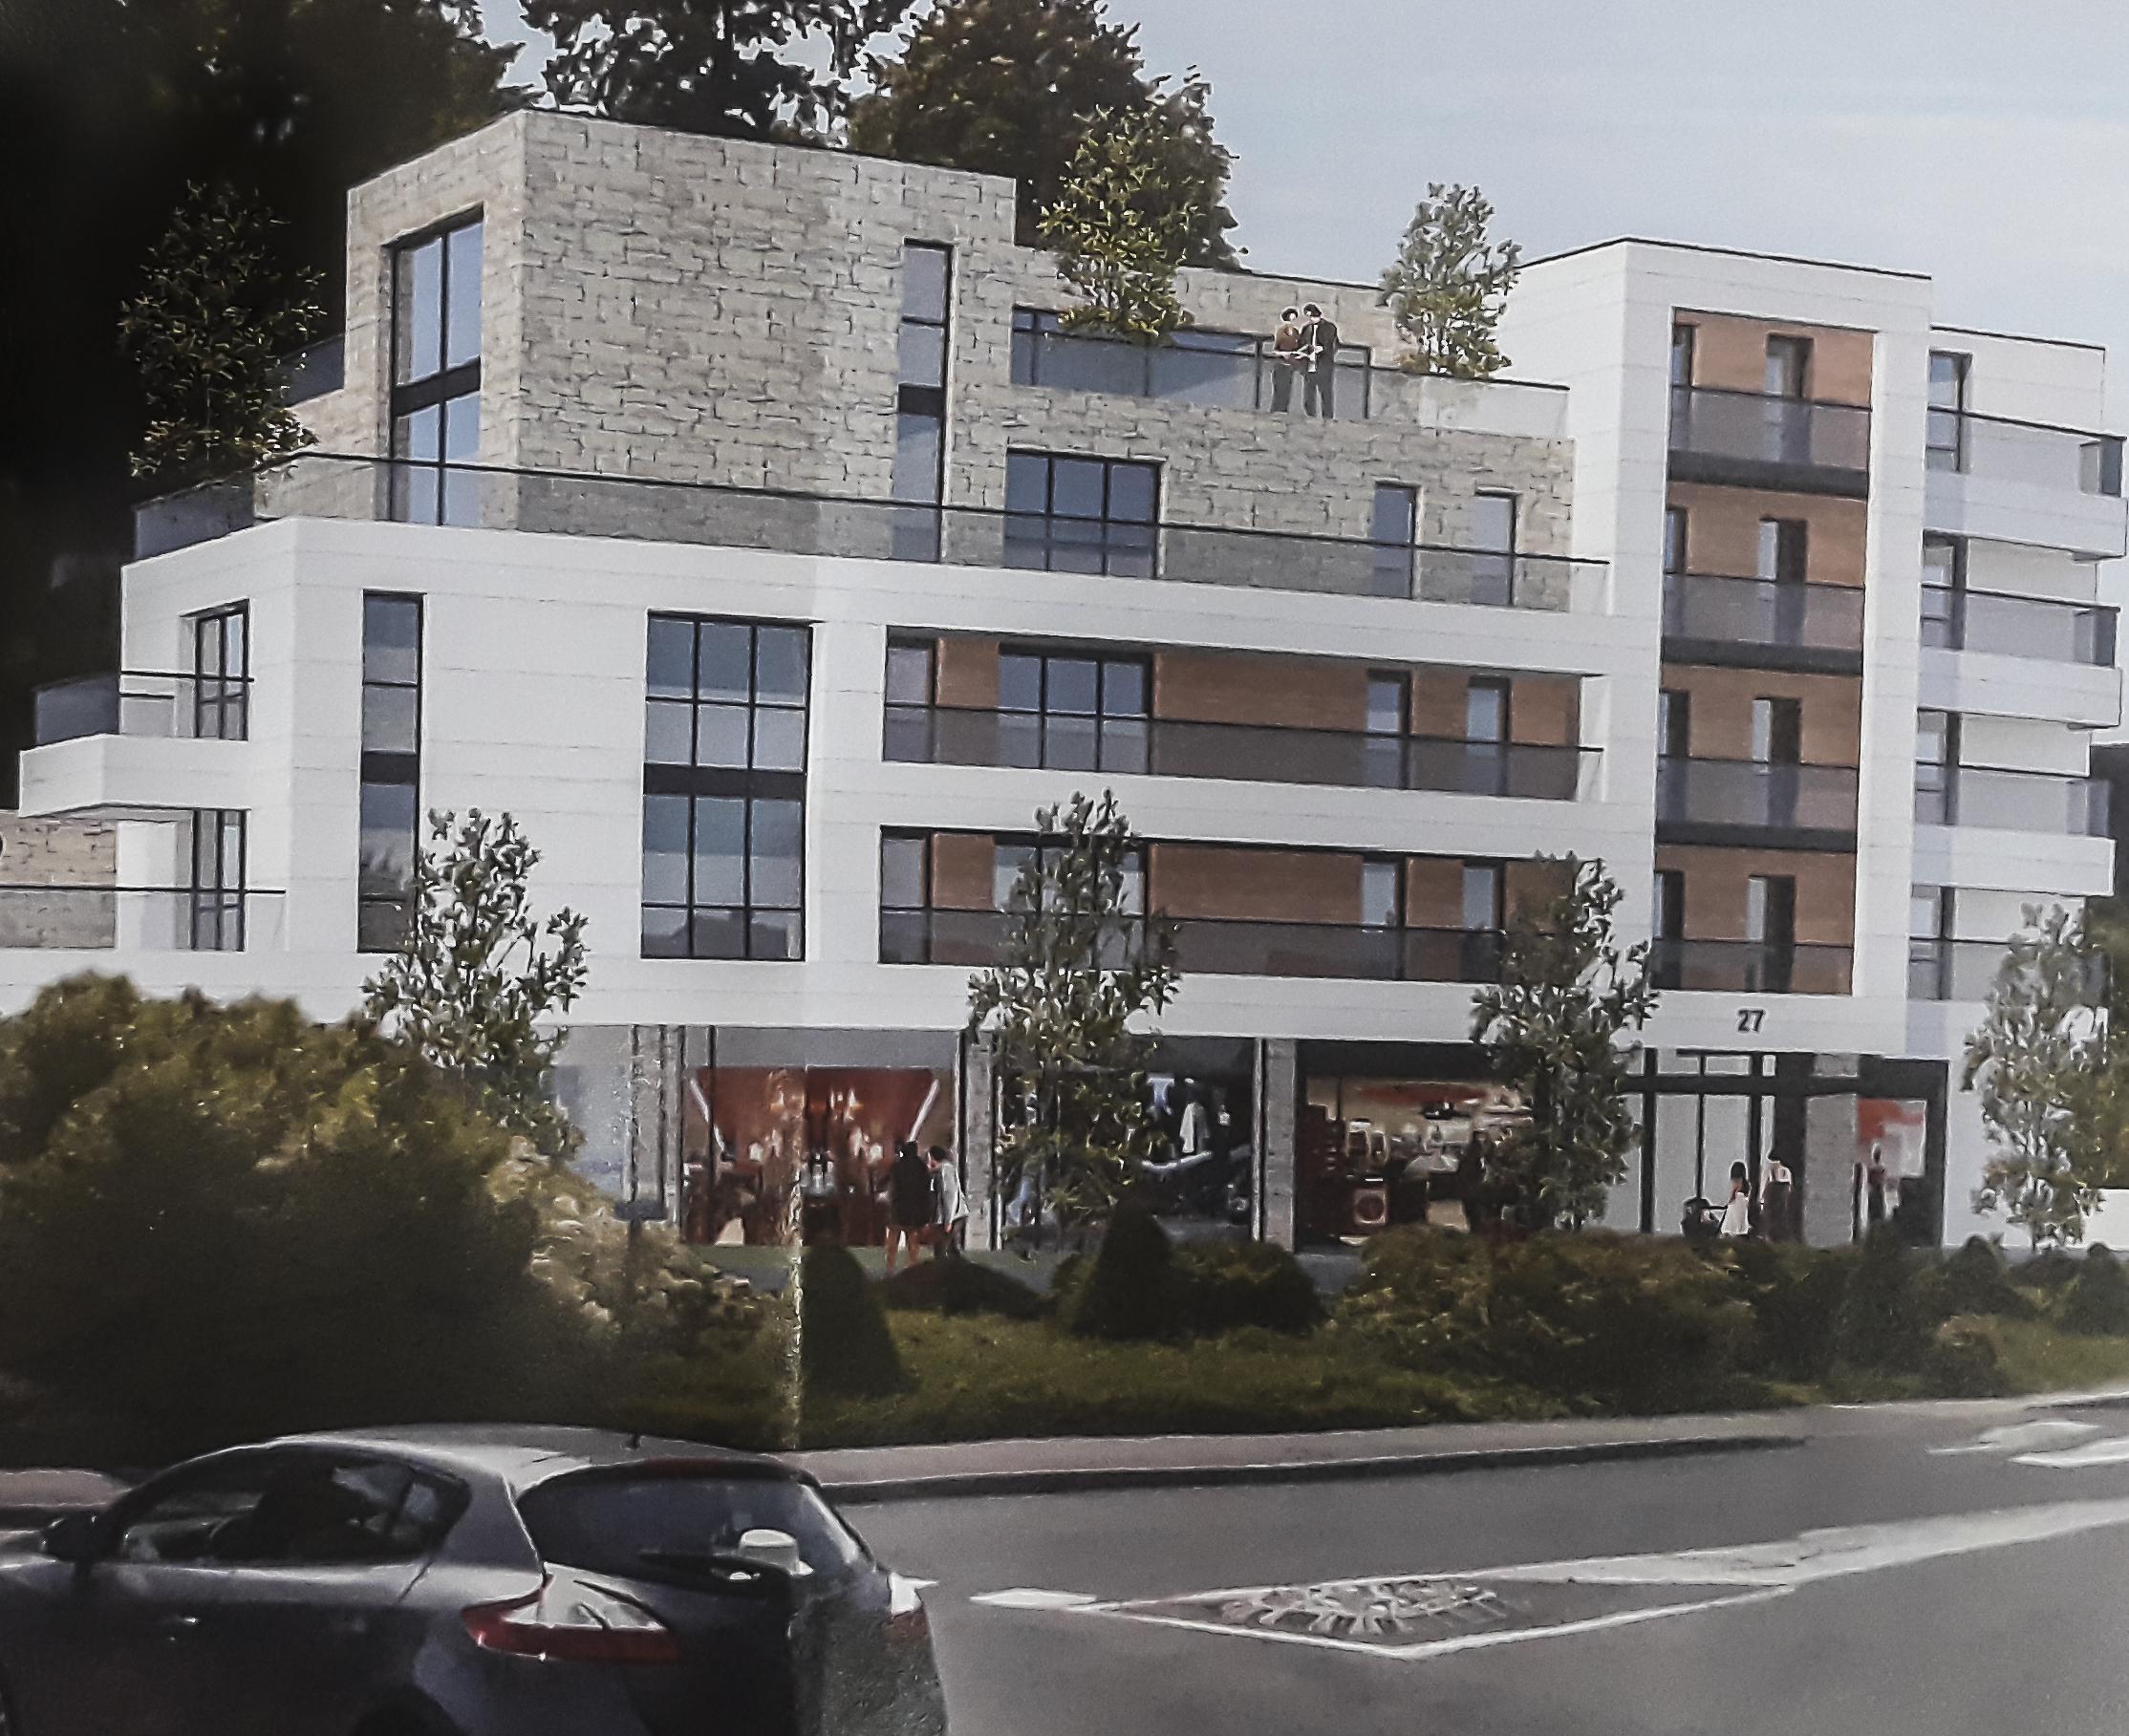 Un immeuble accueillant 16 logements ainsi que des commerces et des bureaux verra le jour prochainement.